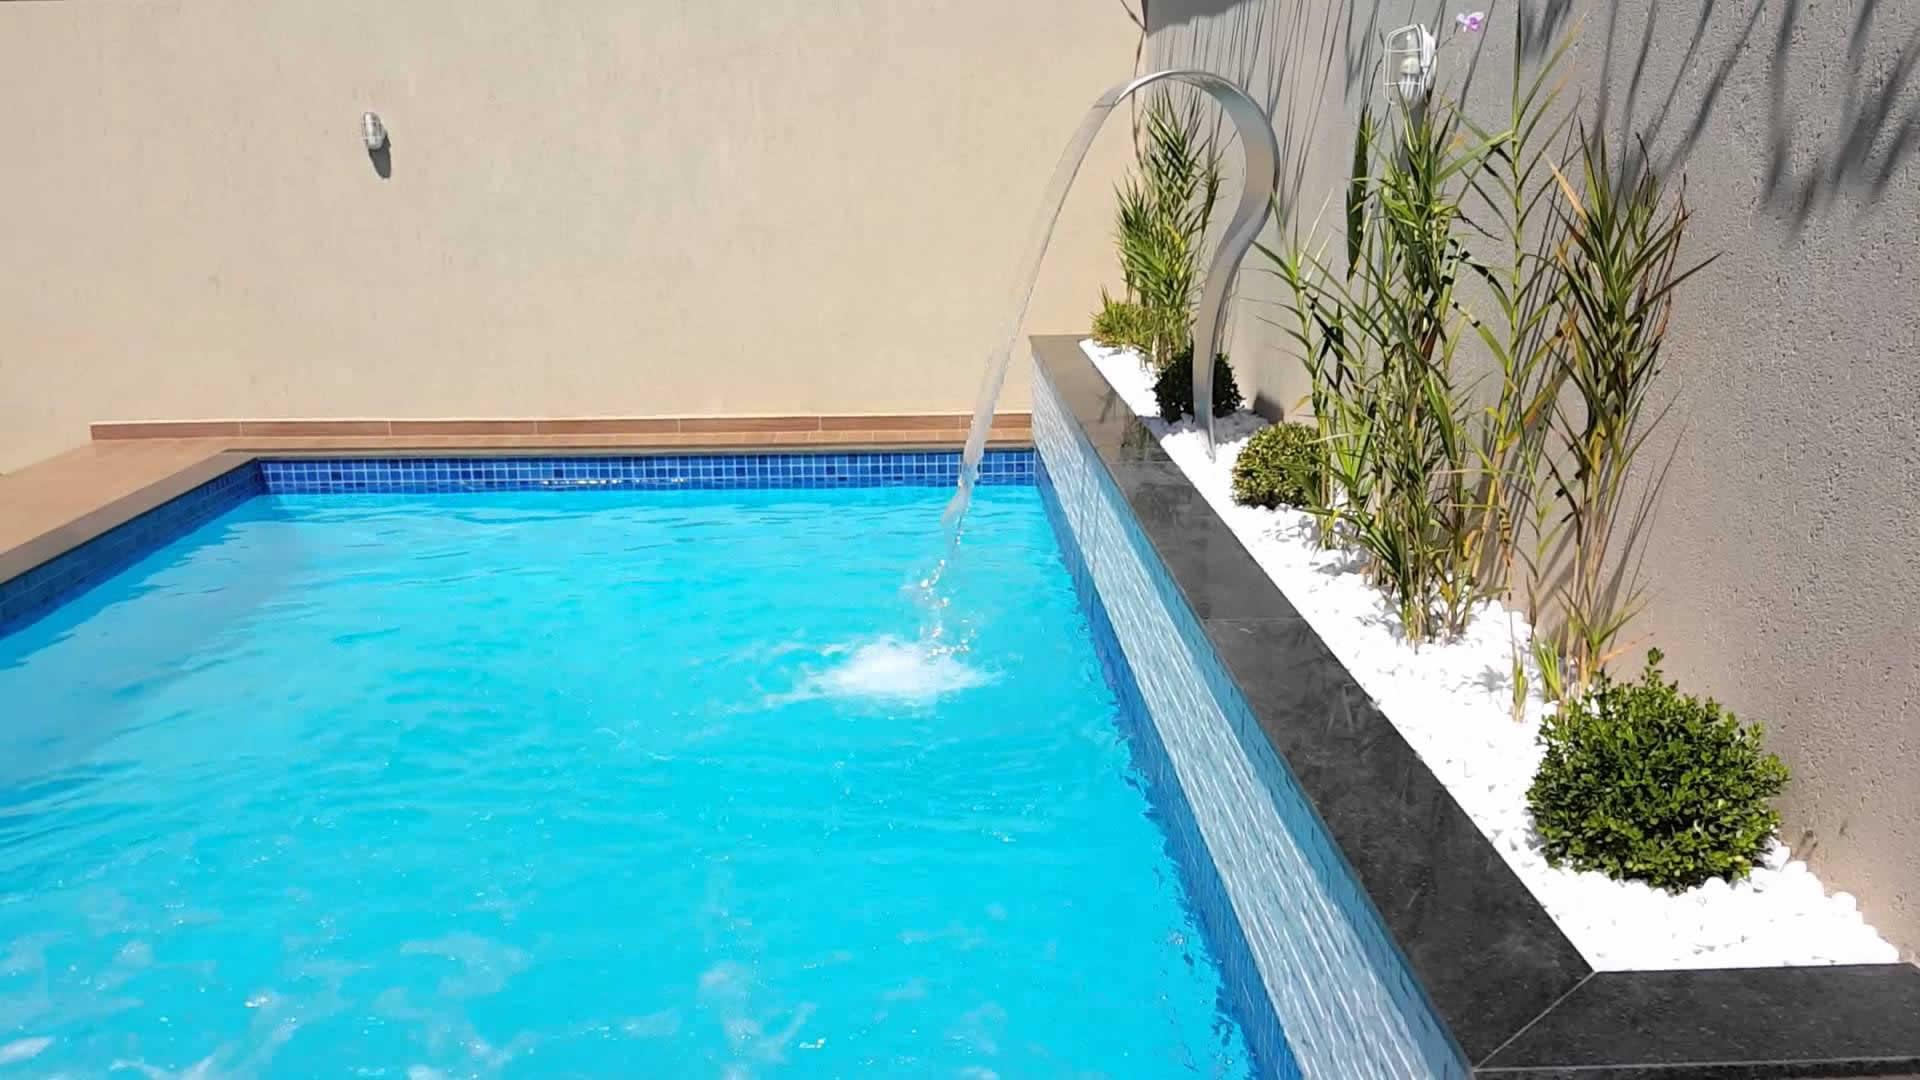 Como limpar uma piscina de vinil brasil piscinas for Piscinas hipercor 2016